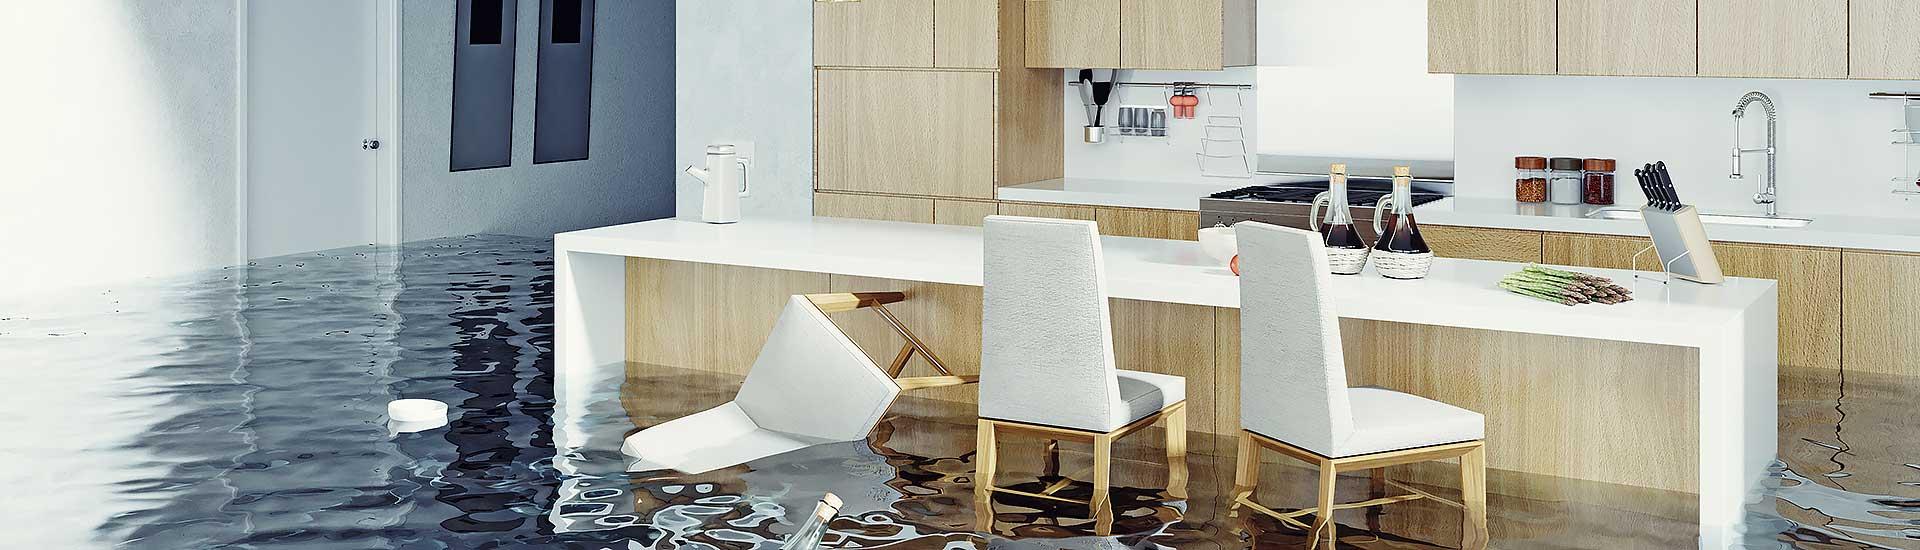 home insurance repairs